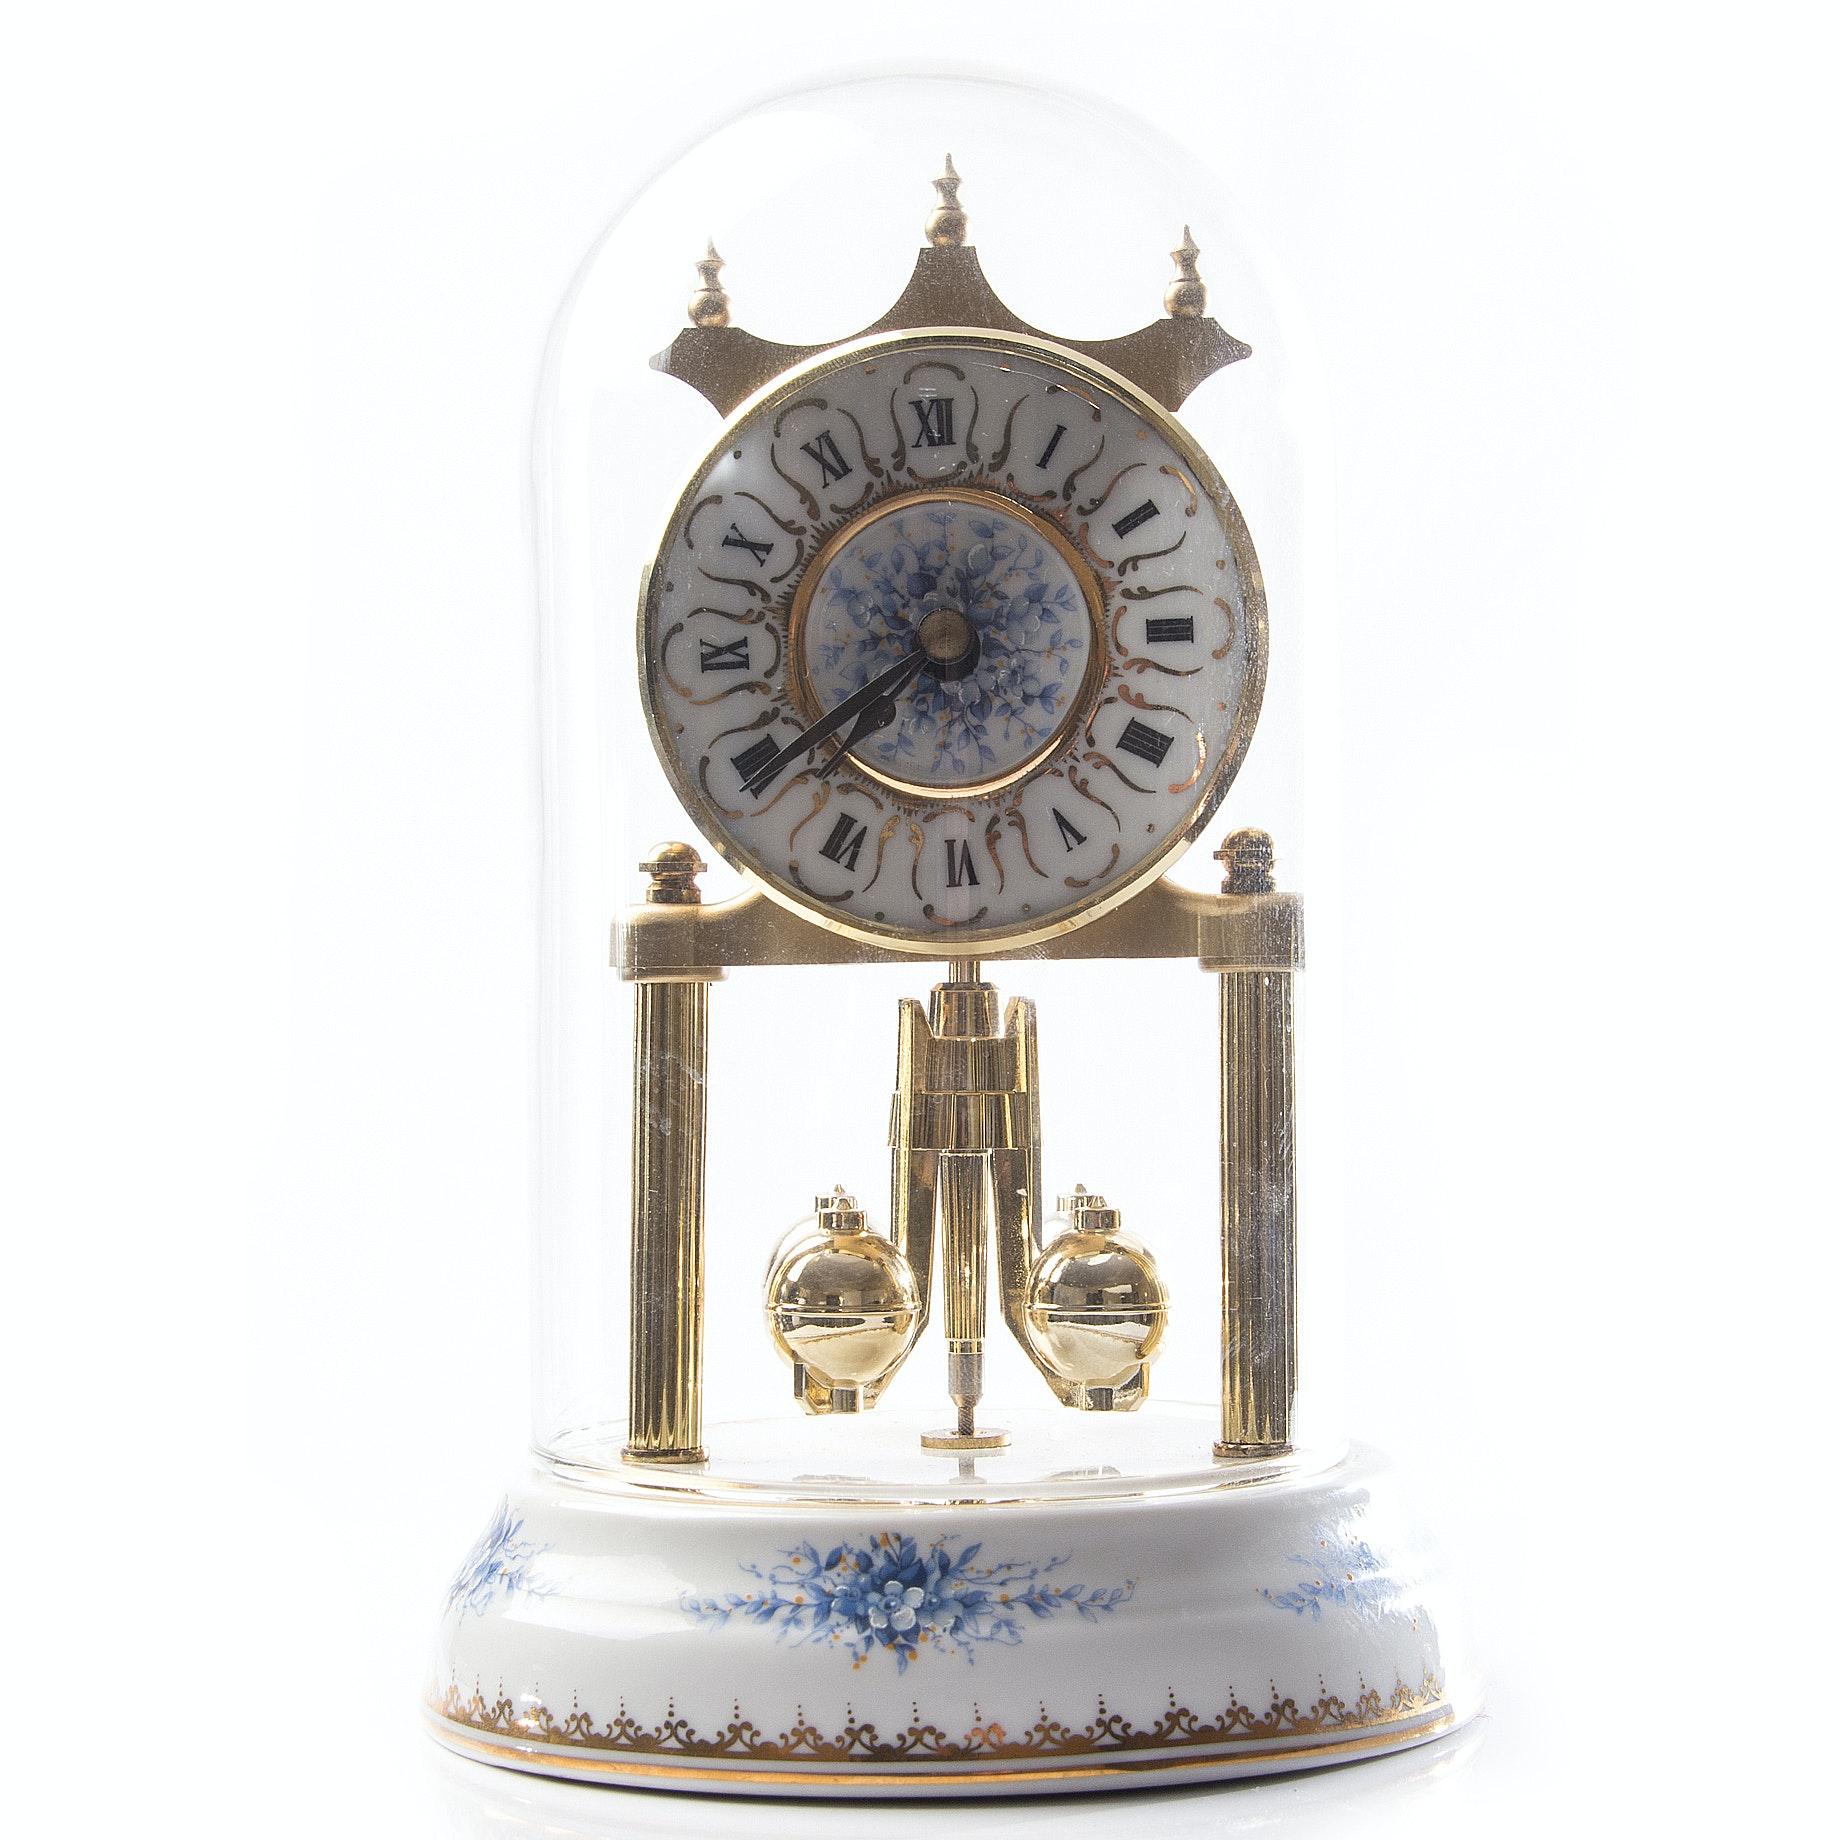 Reine Handarbeit Kundo Anniversary Clock